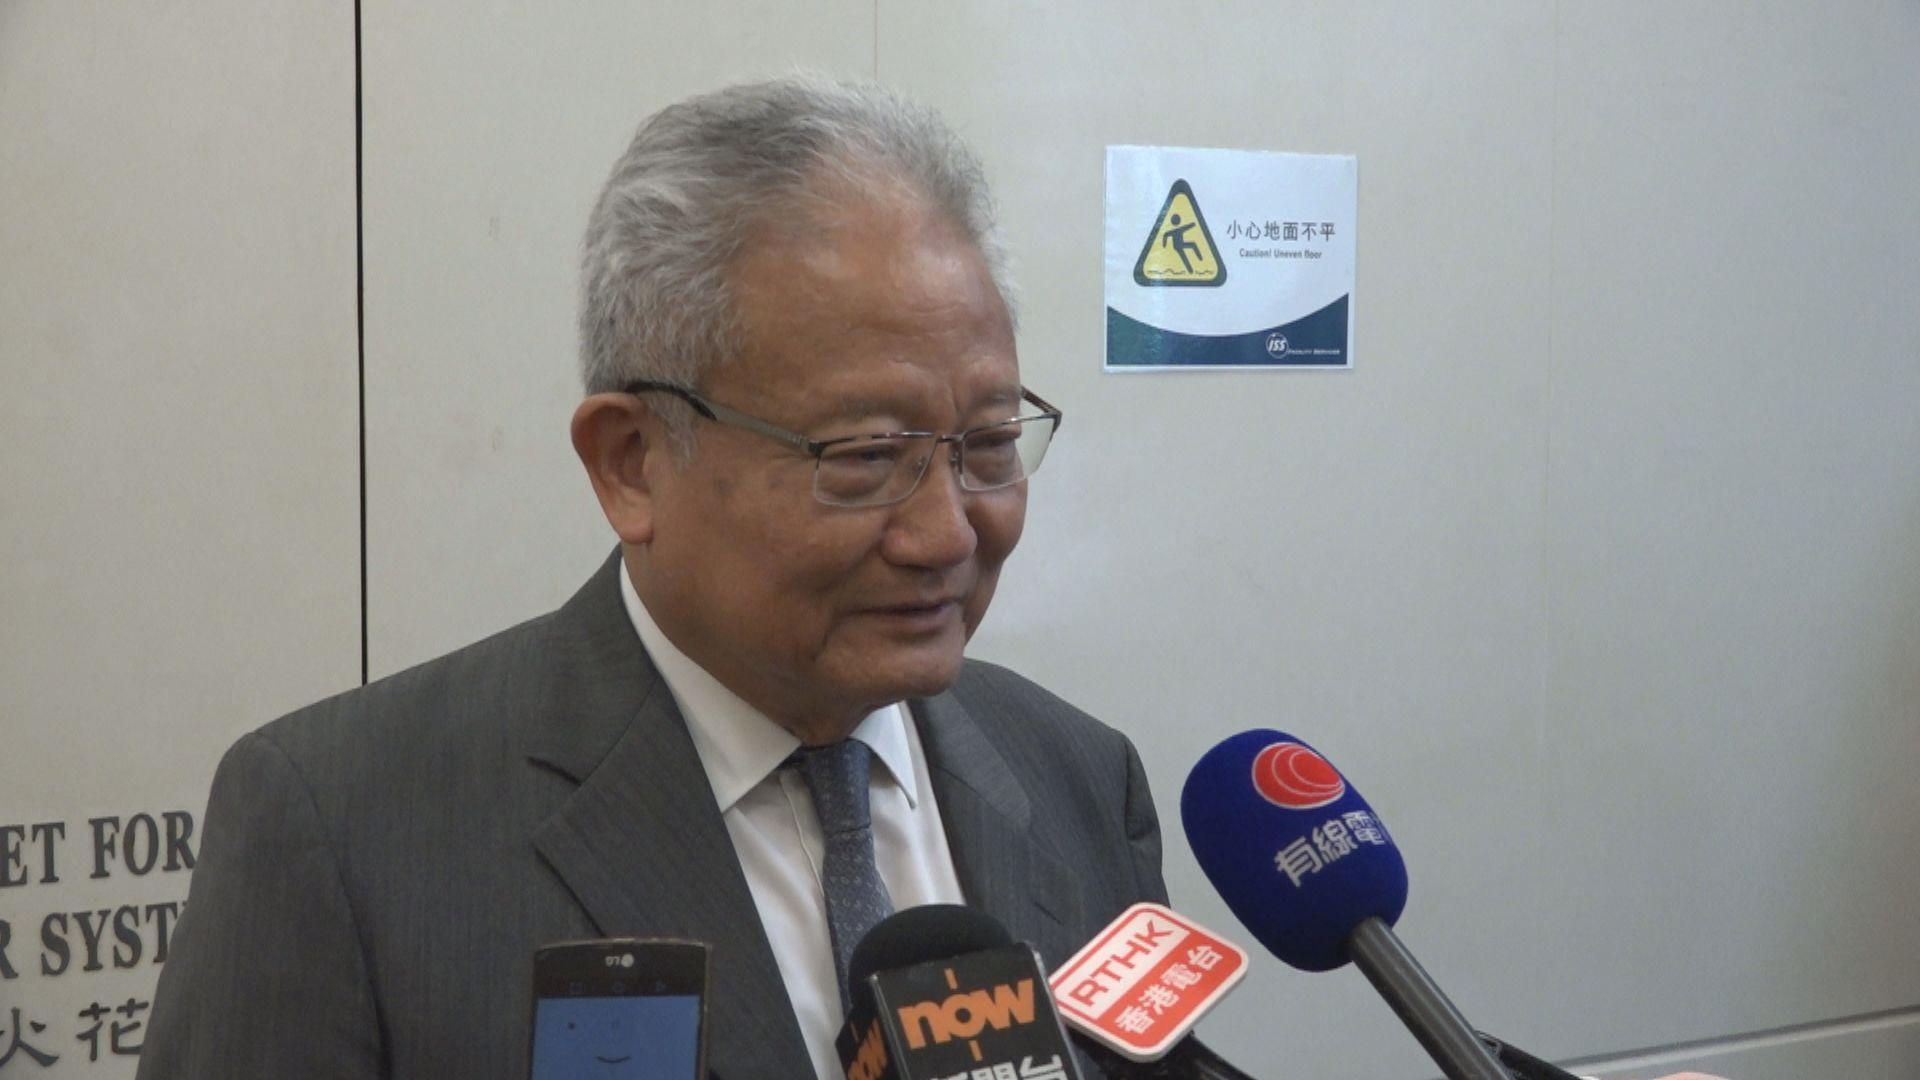 【關稅地位】商會:香港影響不大 鍾國斌:或成中美角力犧牲品